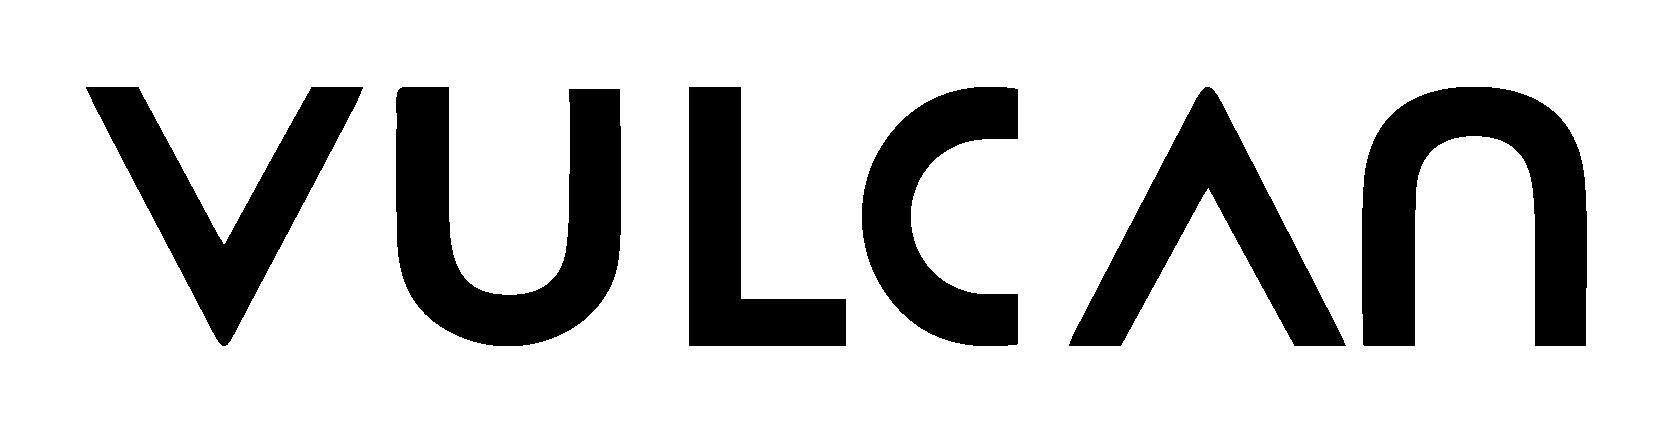 Vulcan Cyber logo